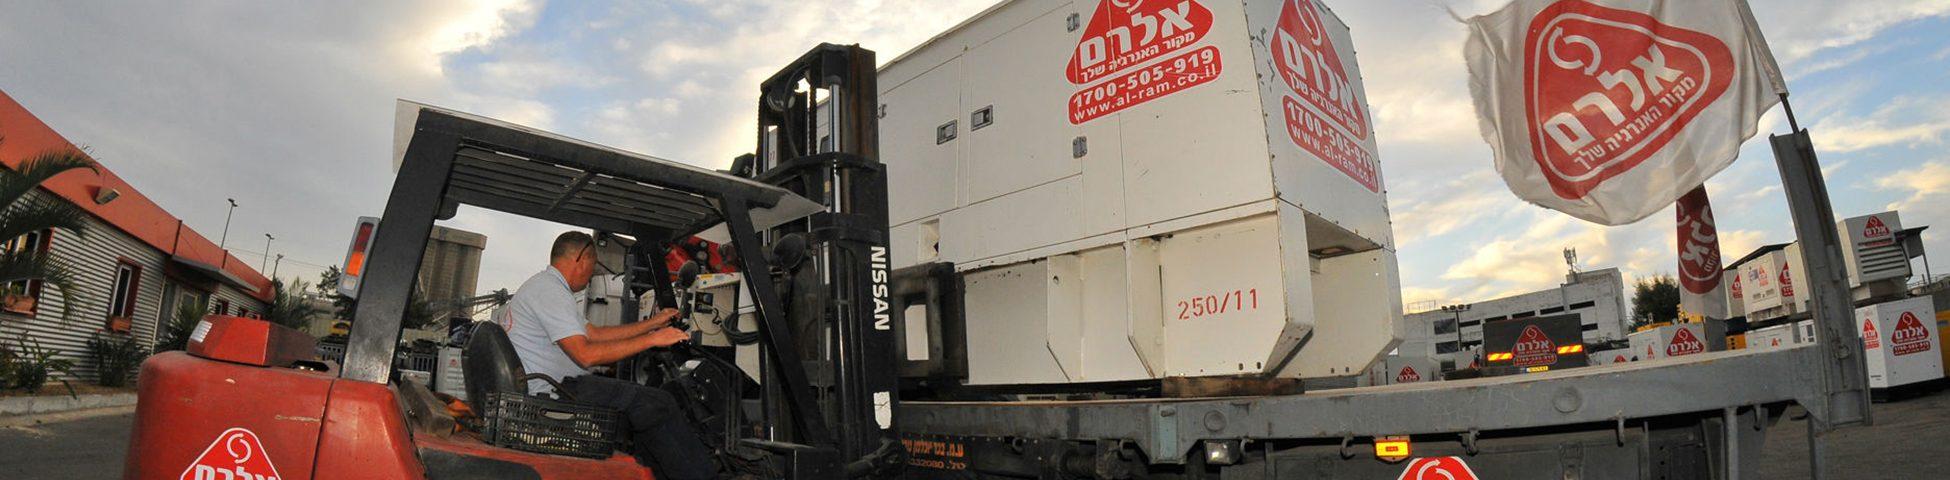 עובד חברת אלרם מניח באמצעות מלגזה גנרטור על גבי מרכב משאית